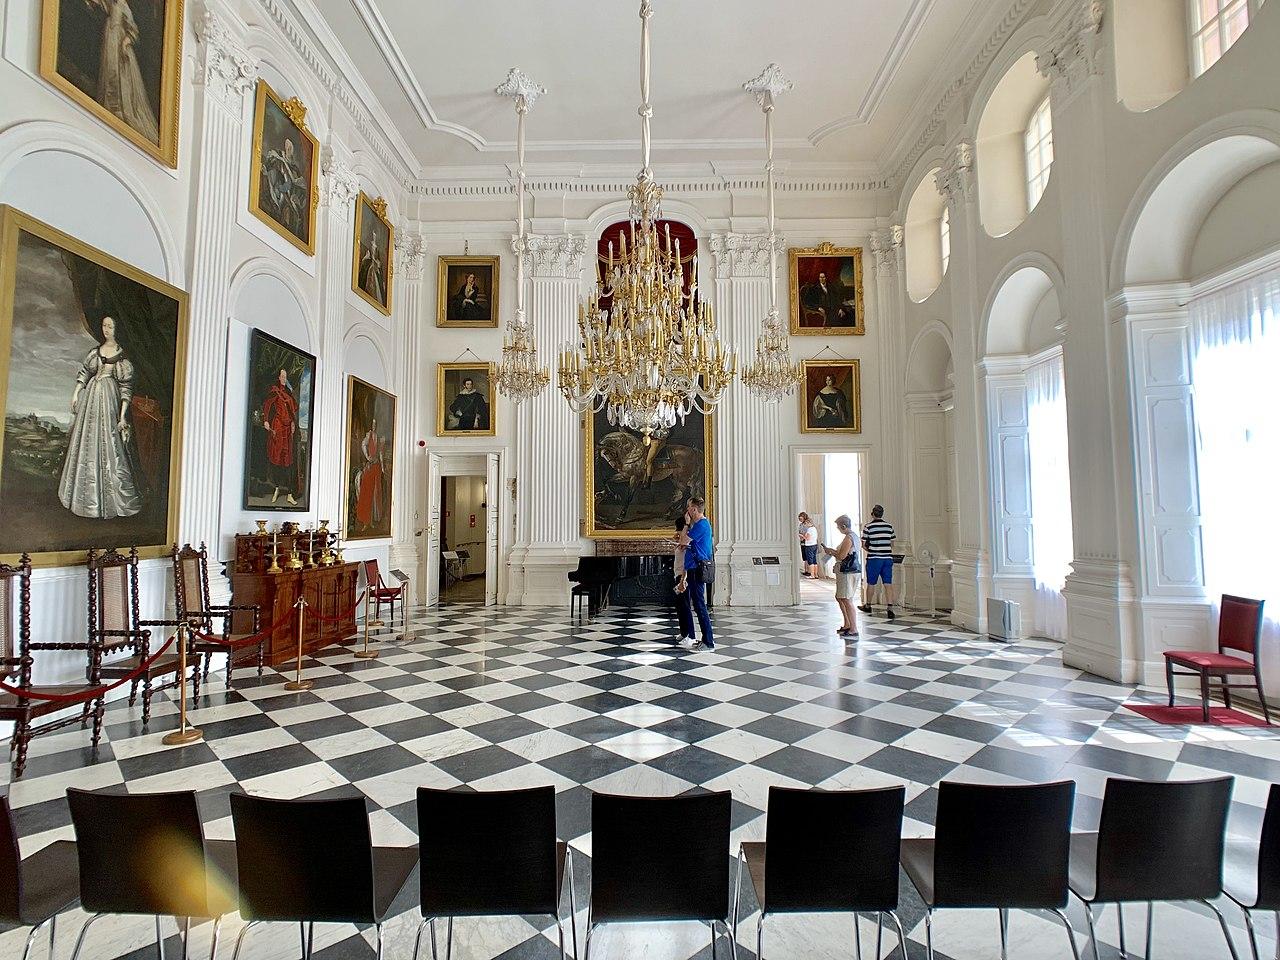 Белый зал в Вилянувском дворце, Варшава, Польша.jpg